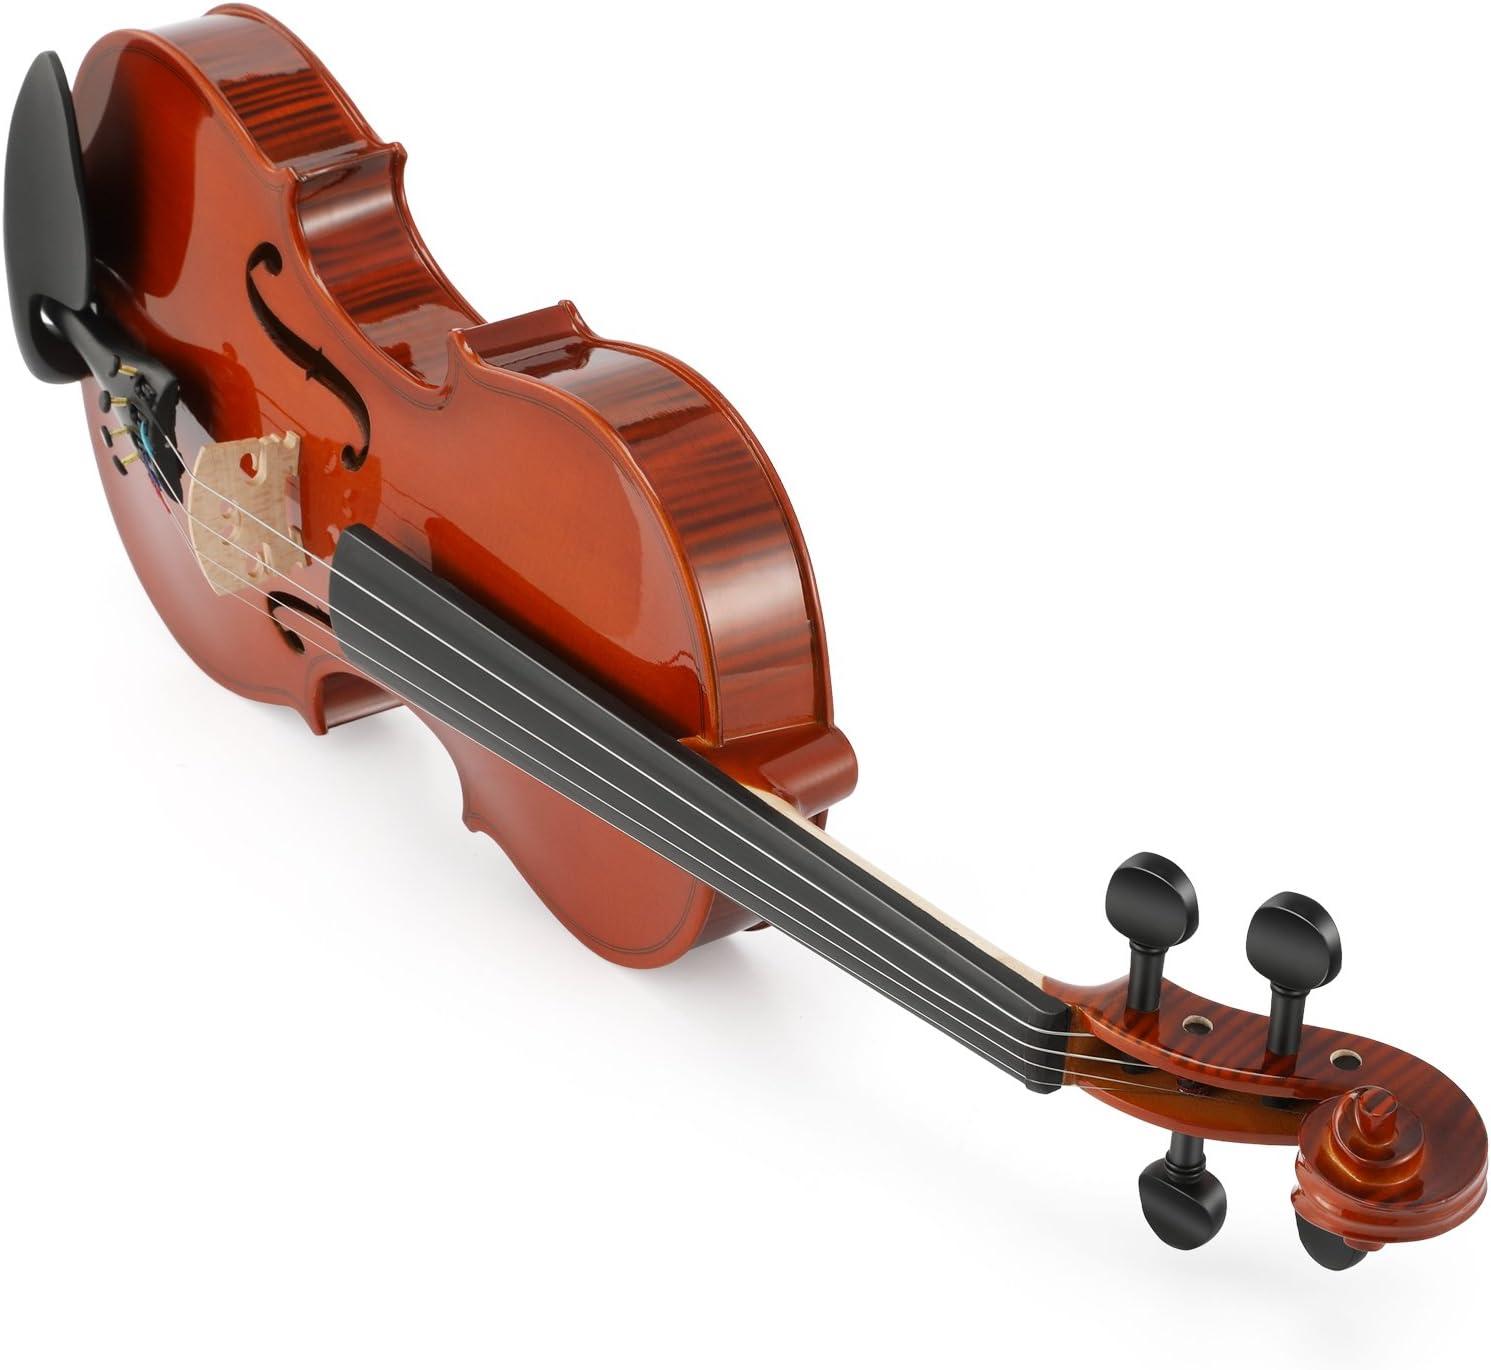 Eastar 1/2 Violín Natural EVA-1 con Estuche Rígido, Resto del Hombro, Arco, Resina, Sintonizador de Clip y Cuerdas Extra para Principiantes: Amazon.es: Instrumentos musicales